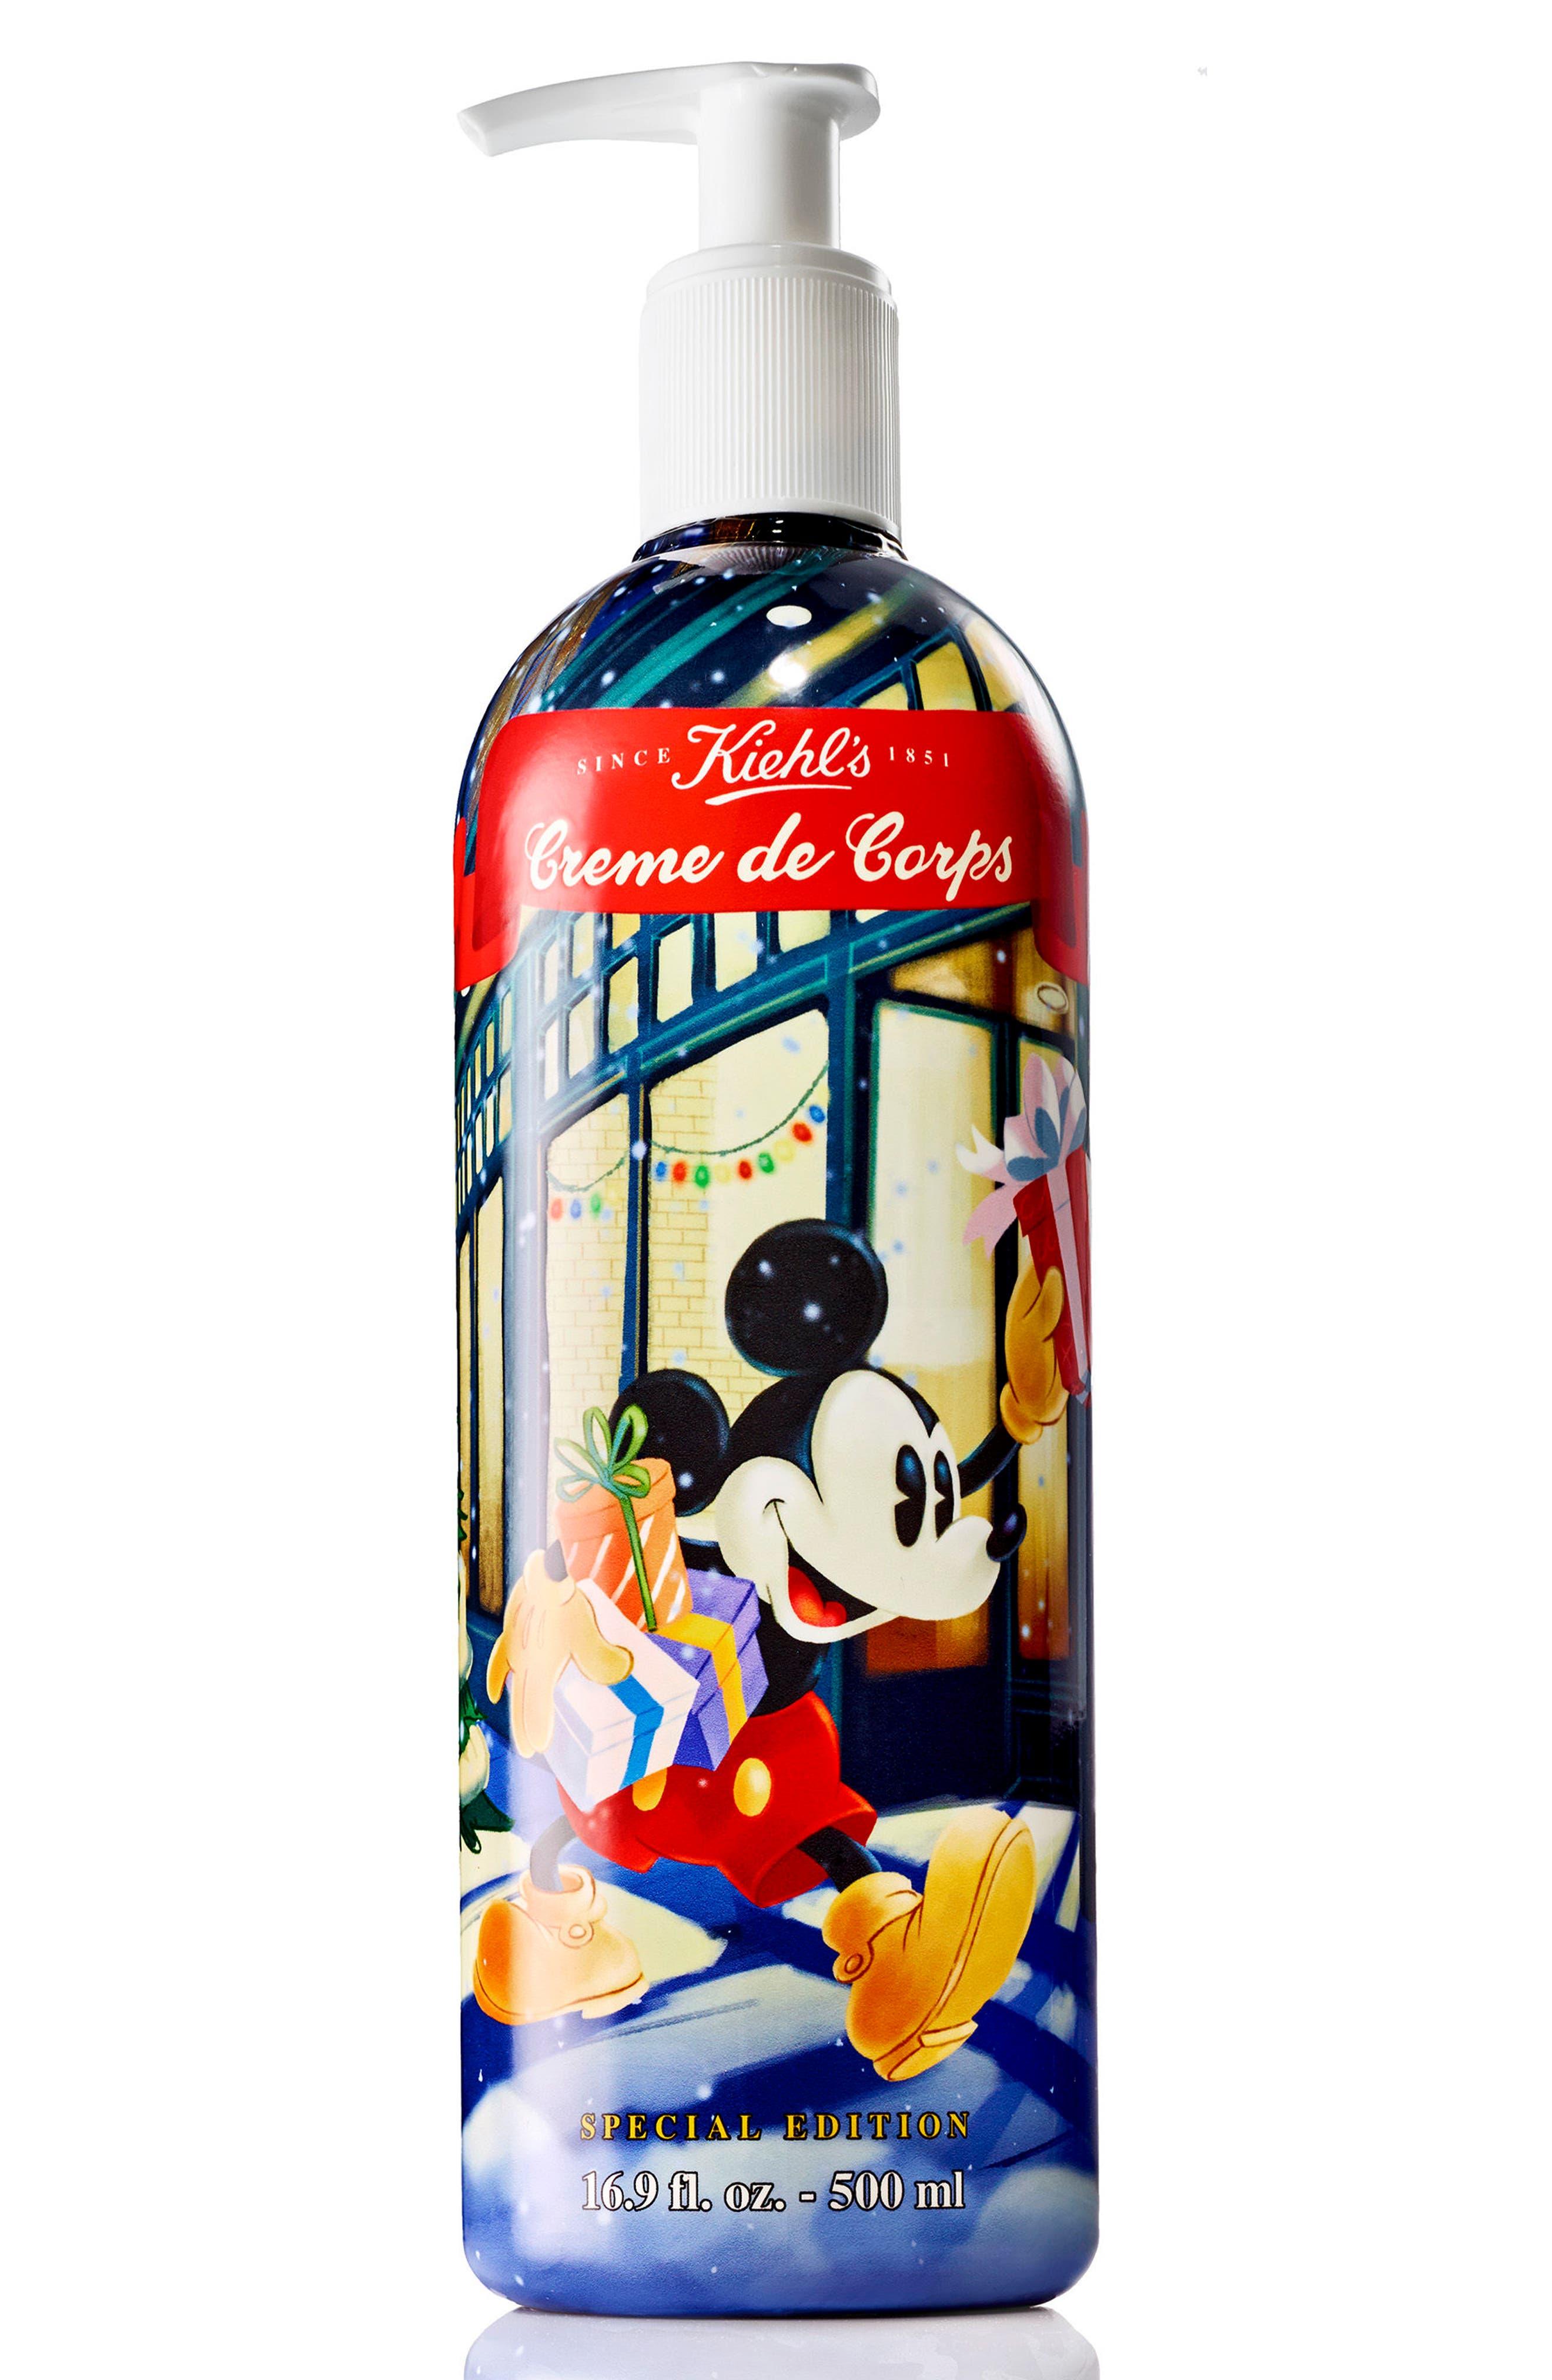 Disney x Kiehl's Since 1851 Creme de Corps